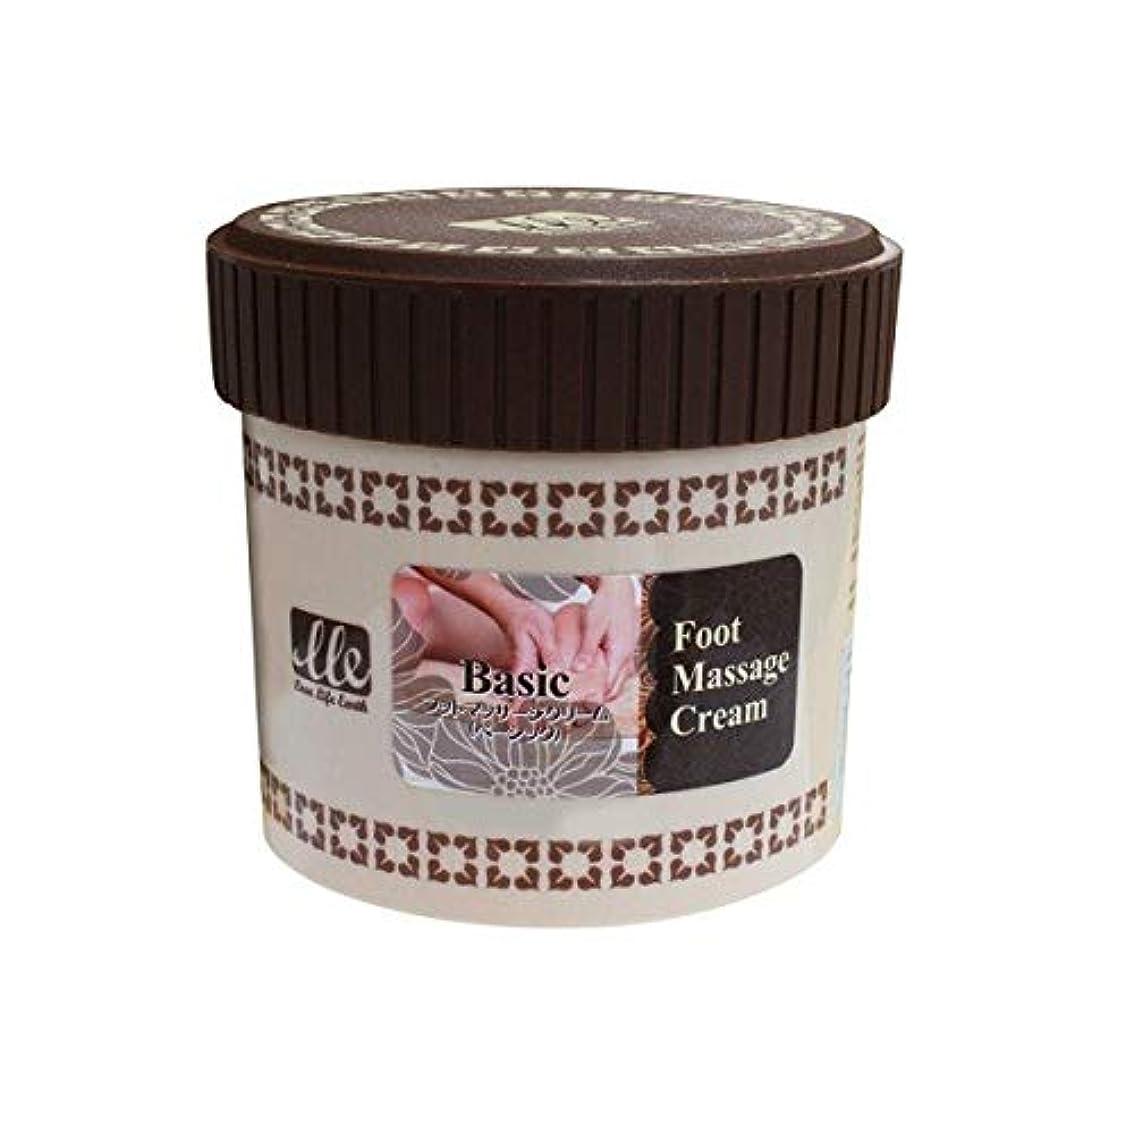 吸収適度に担保LLE フットマッサージクリーム 業務用 450g (ベーシック) マッサージクリーム フットマッサージクリーム エステ用品